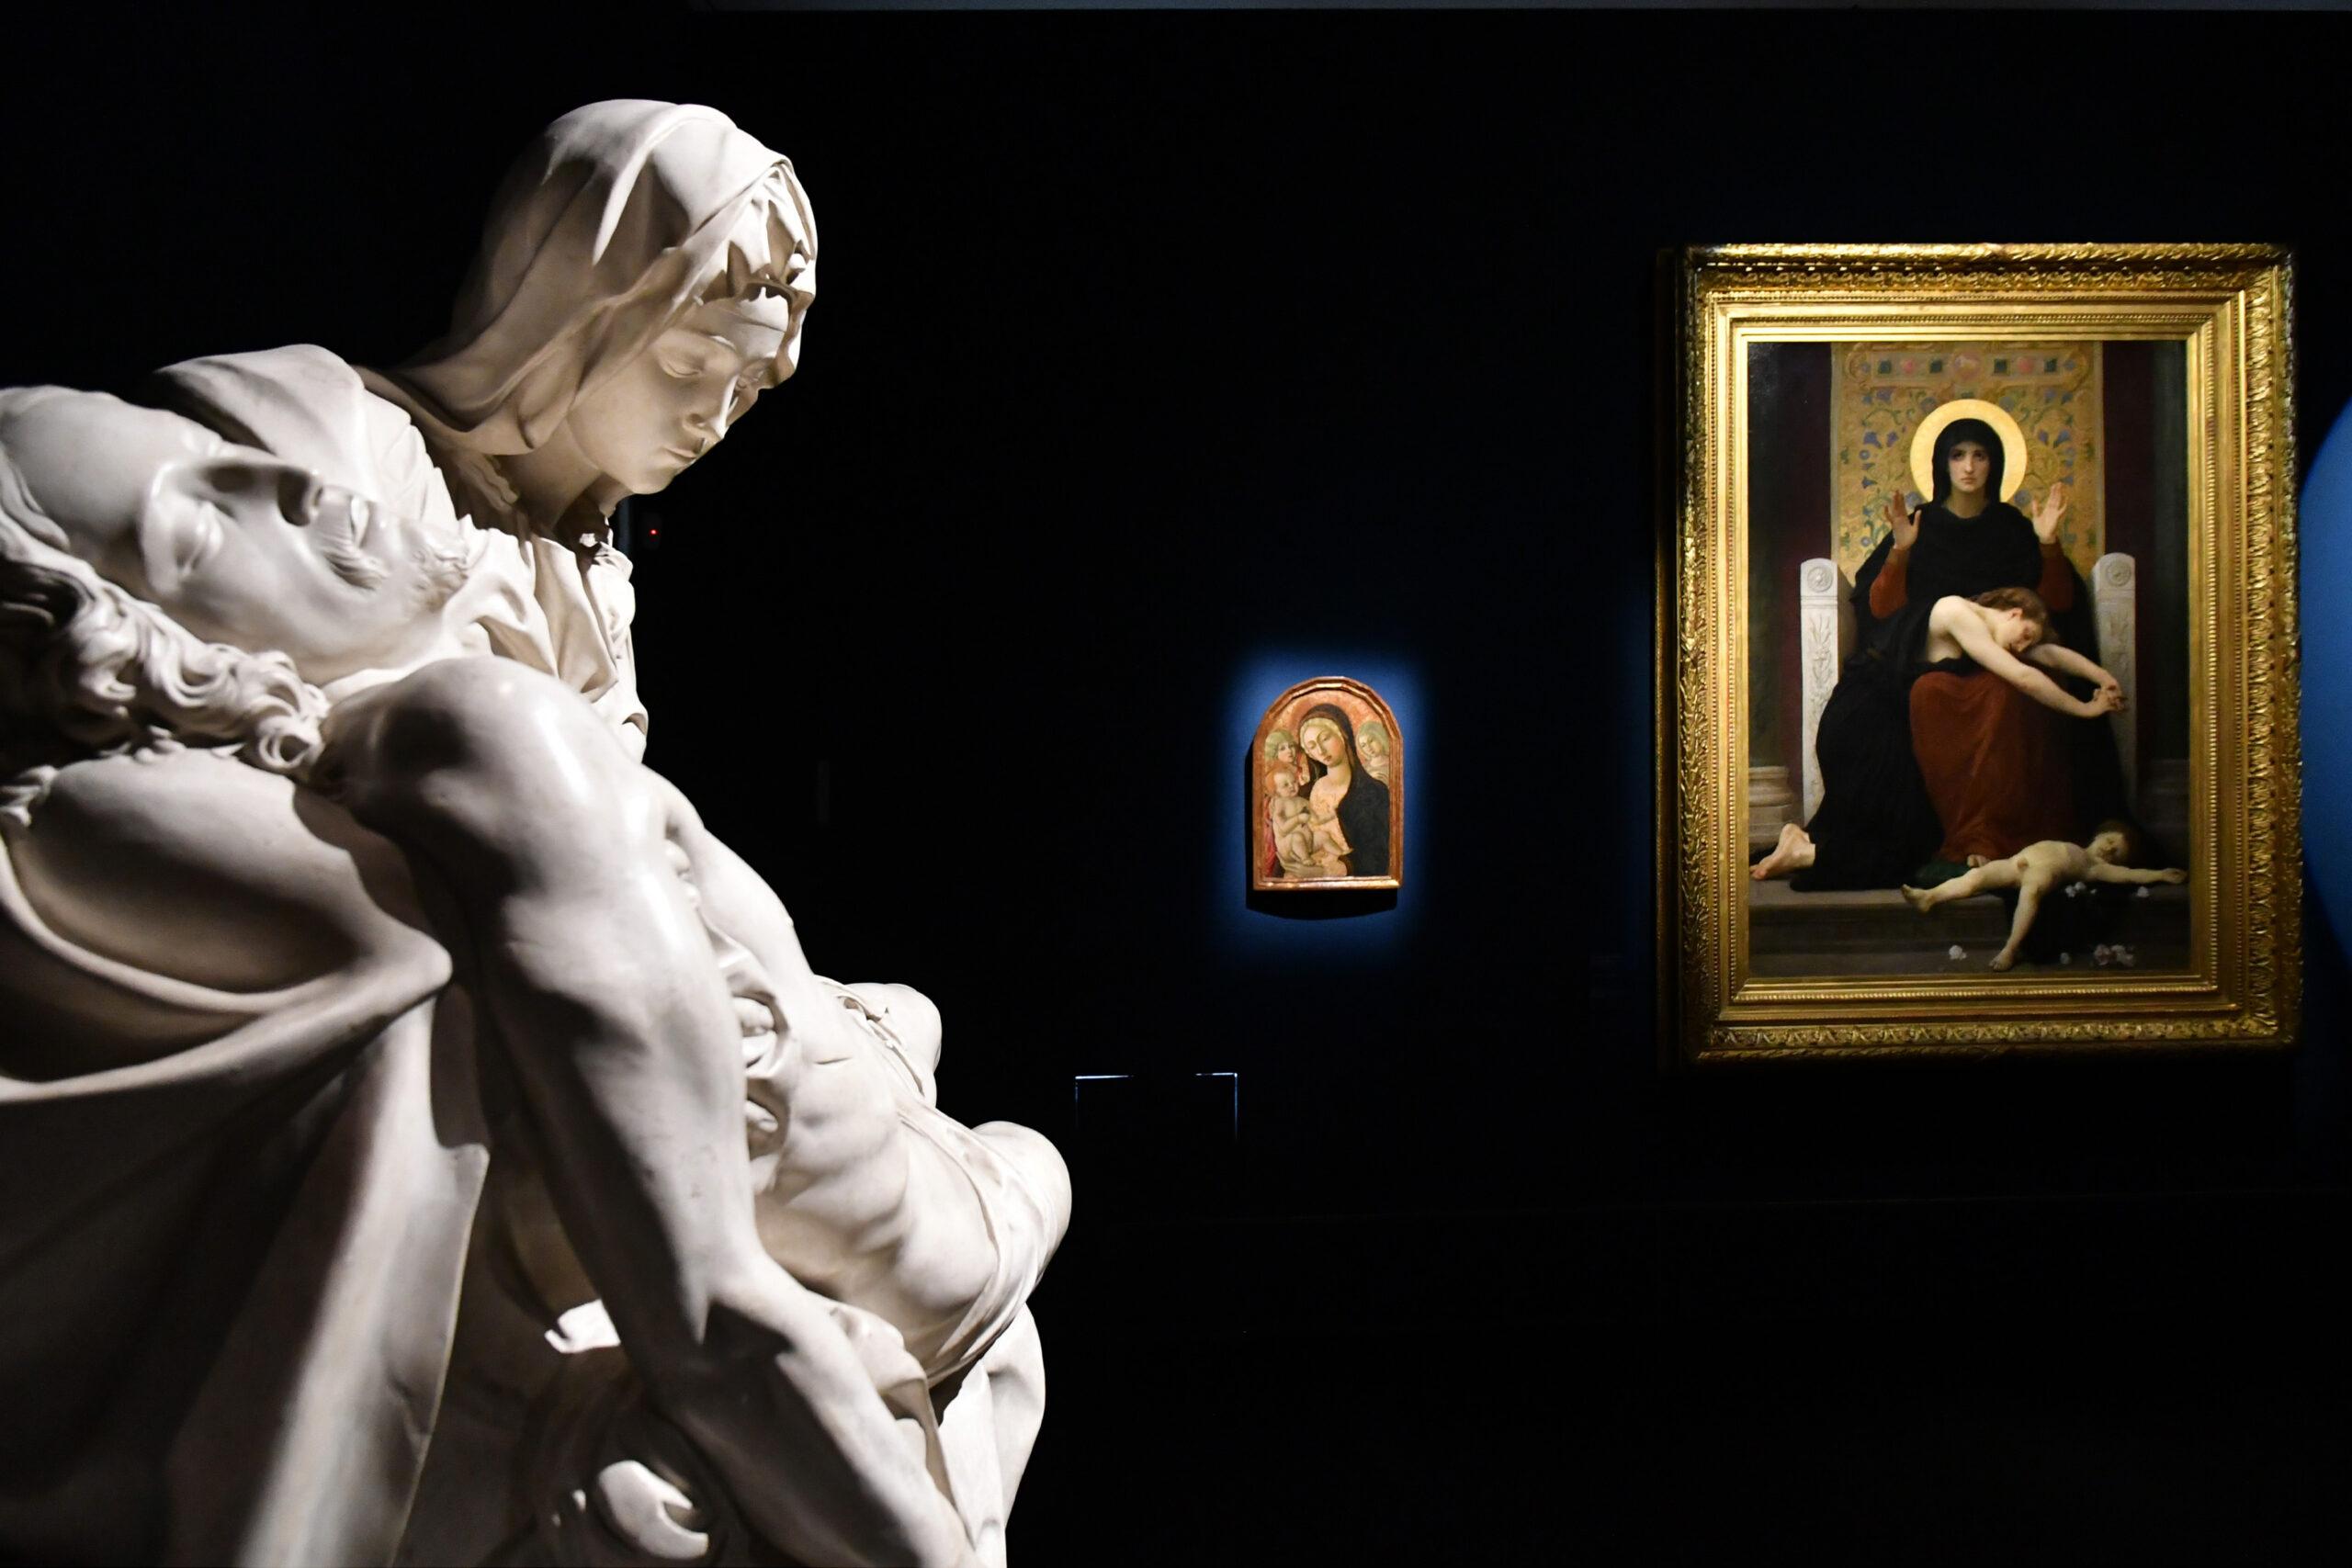 Da Giotto a Picasso. 300 opere raccontano Dante Alighieri nella storia dell'arte, a Forlì